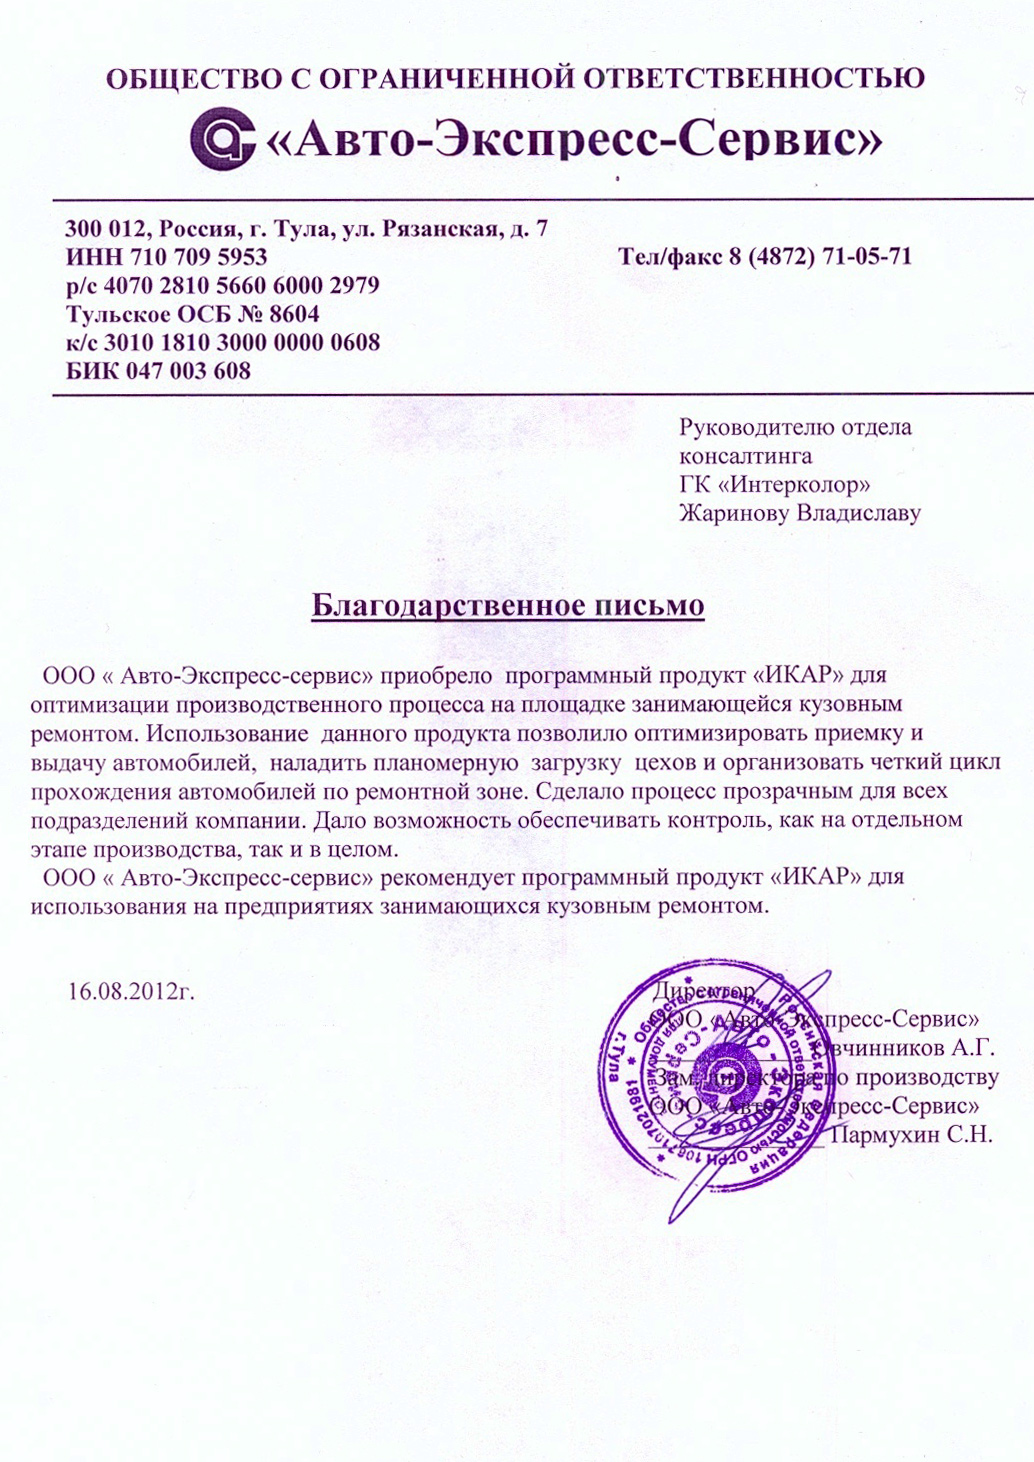 Авто-Экспресс-Сервис, г.Тула